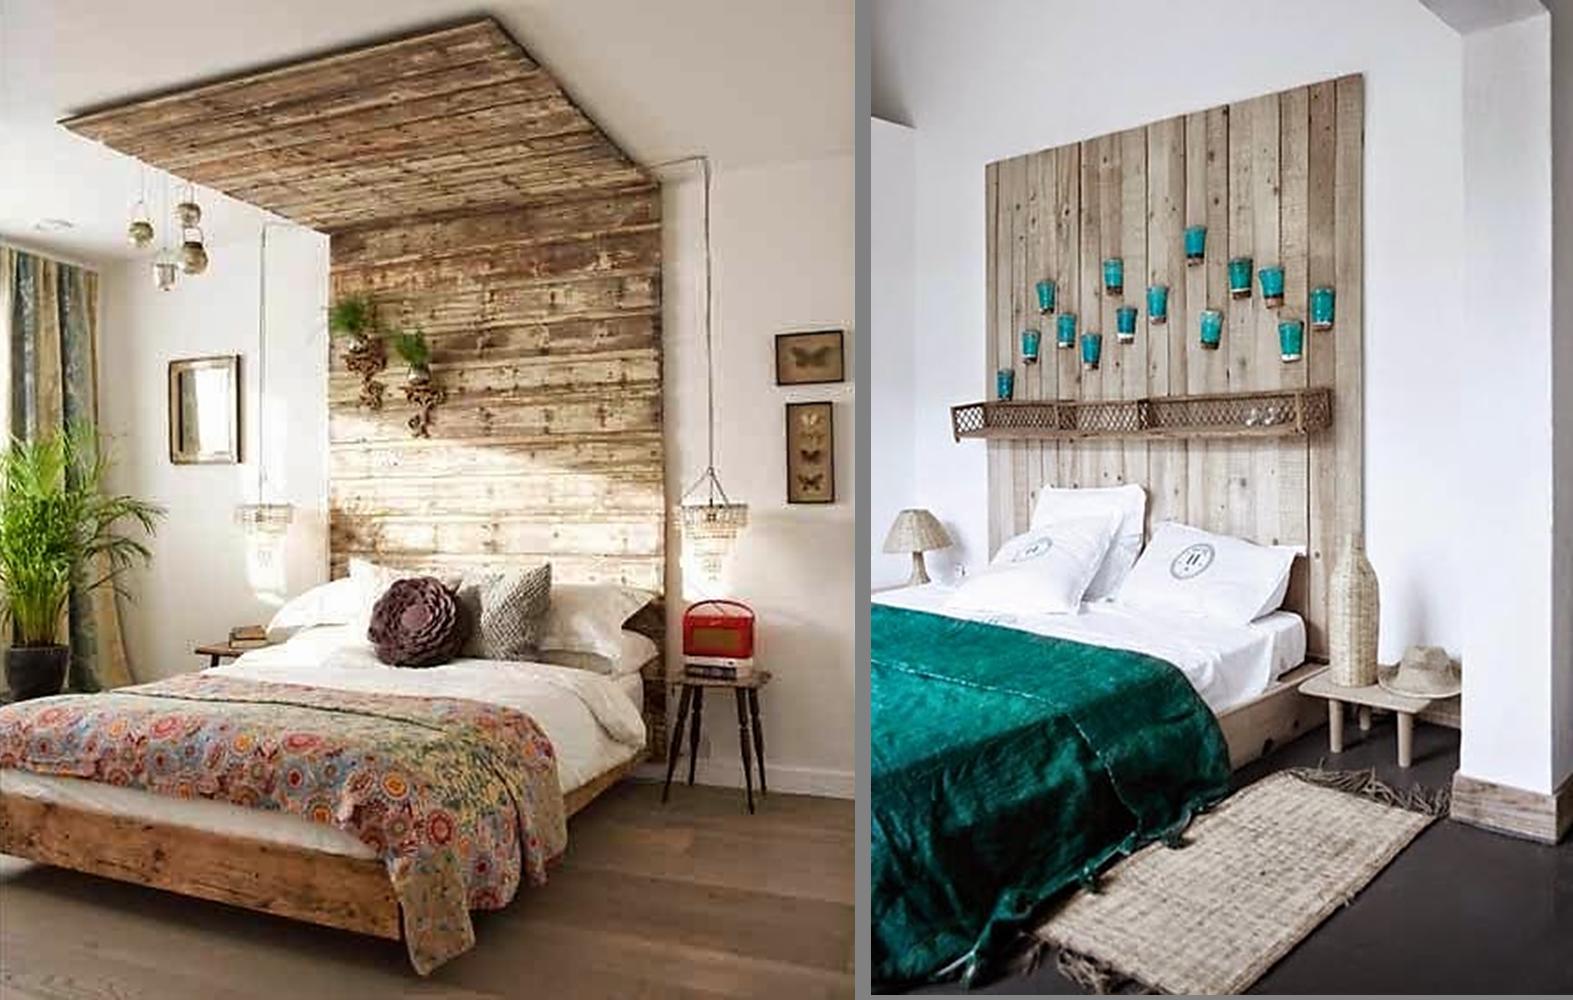 Ideas de cabeceras originales para tu casa me lo dijo lola - Ideas originales decoracion ...